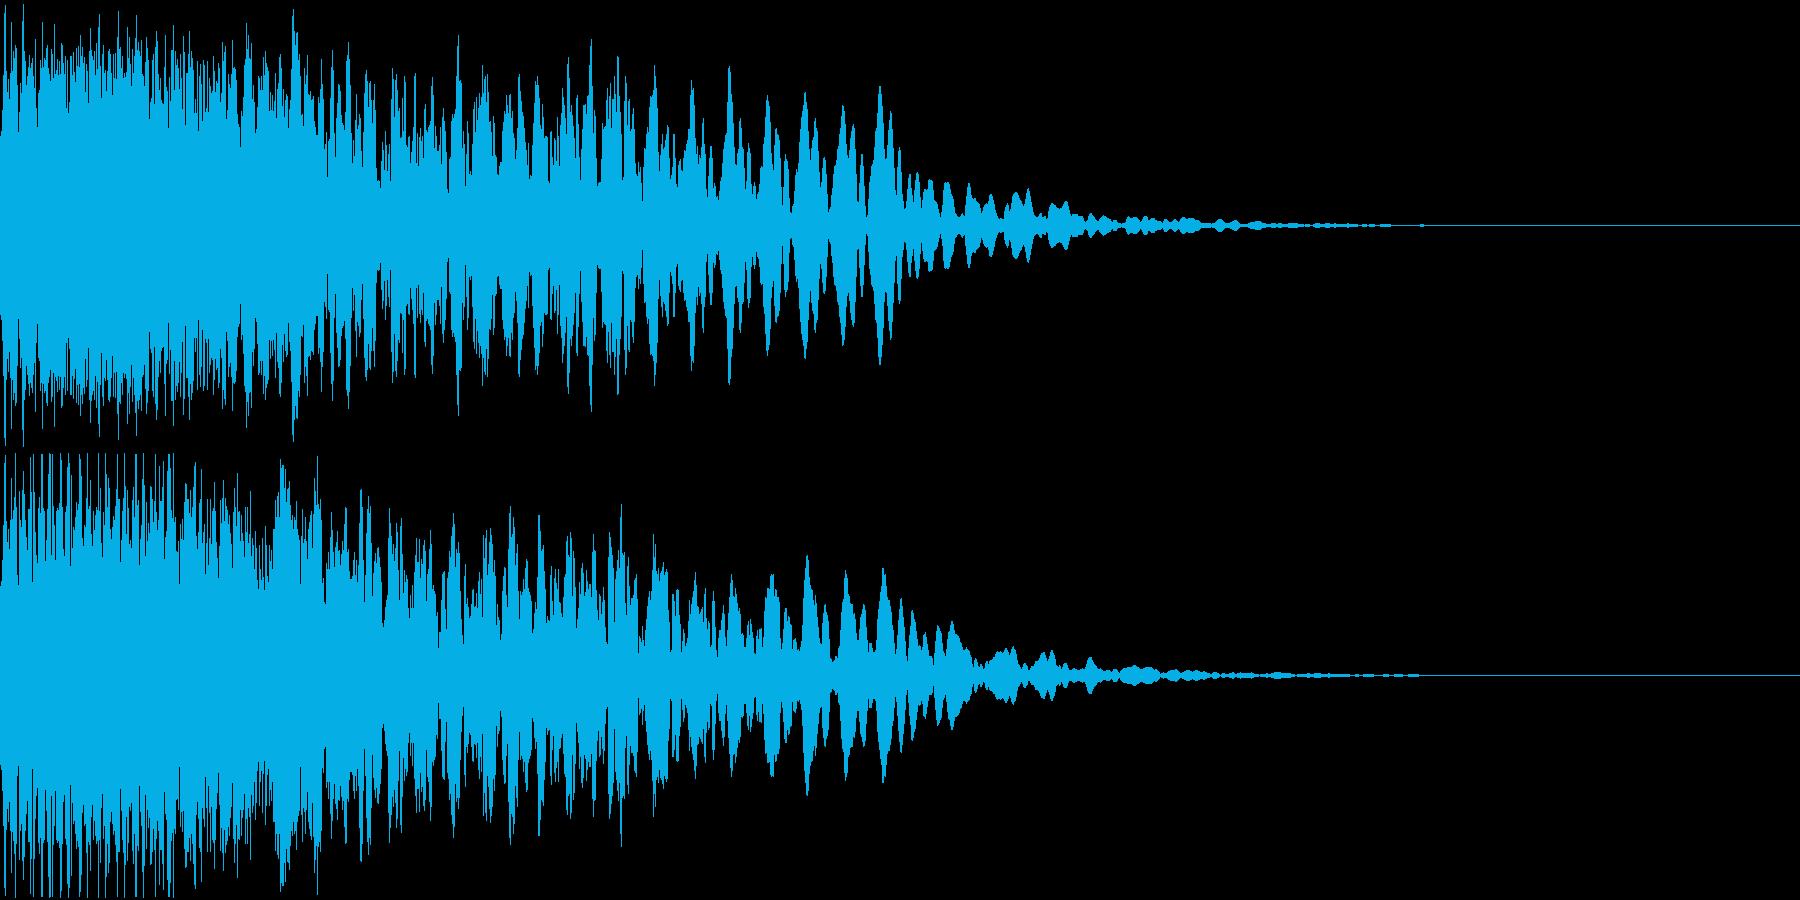 キュイン ギュイーン シャキーン 16の再生済みの波形